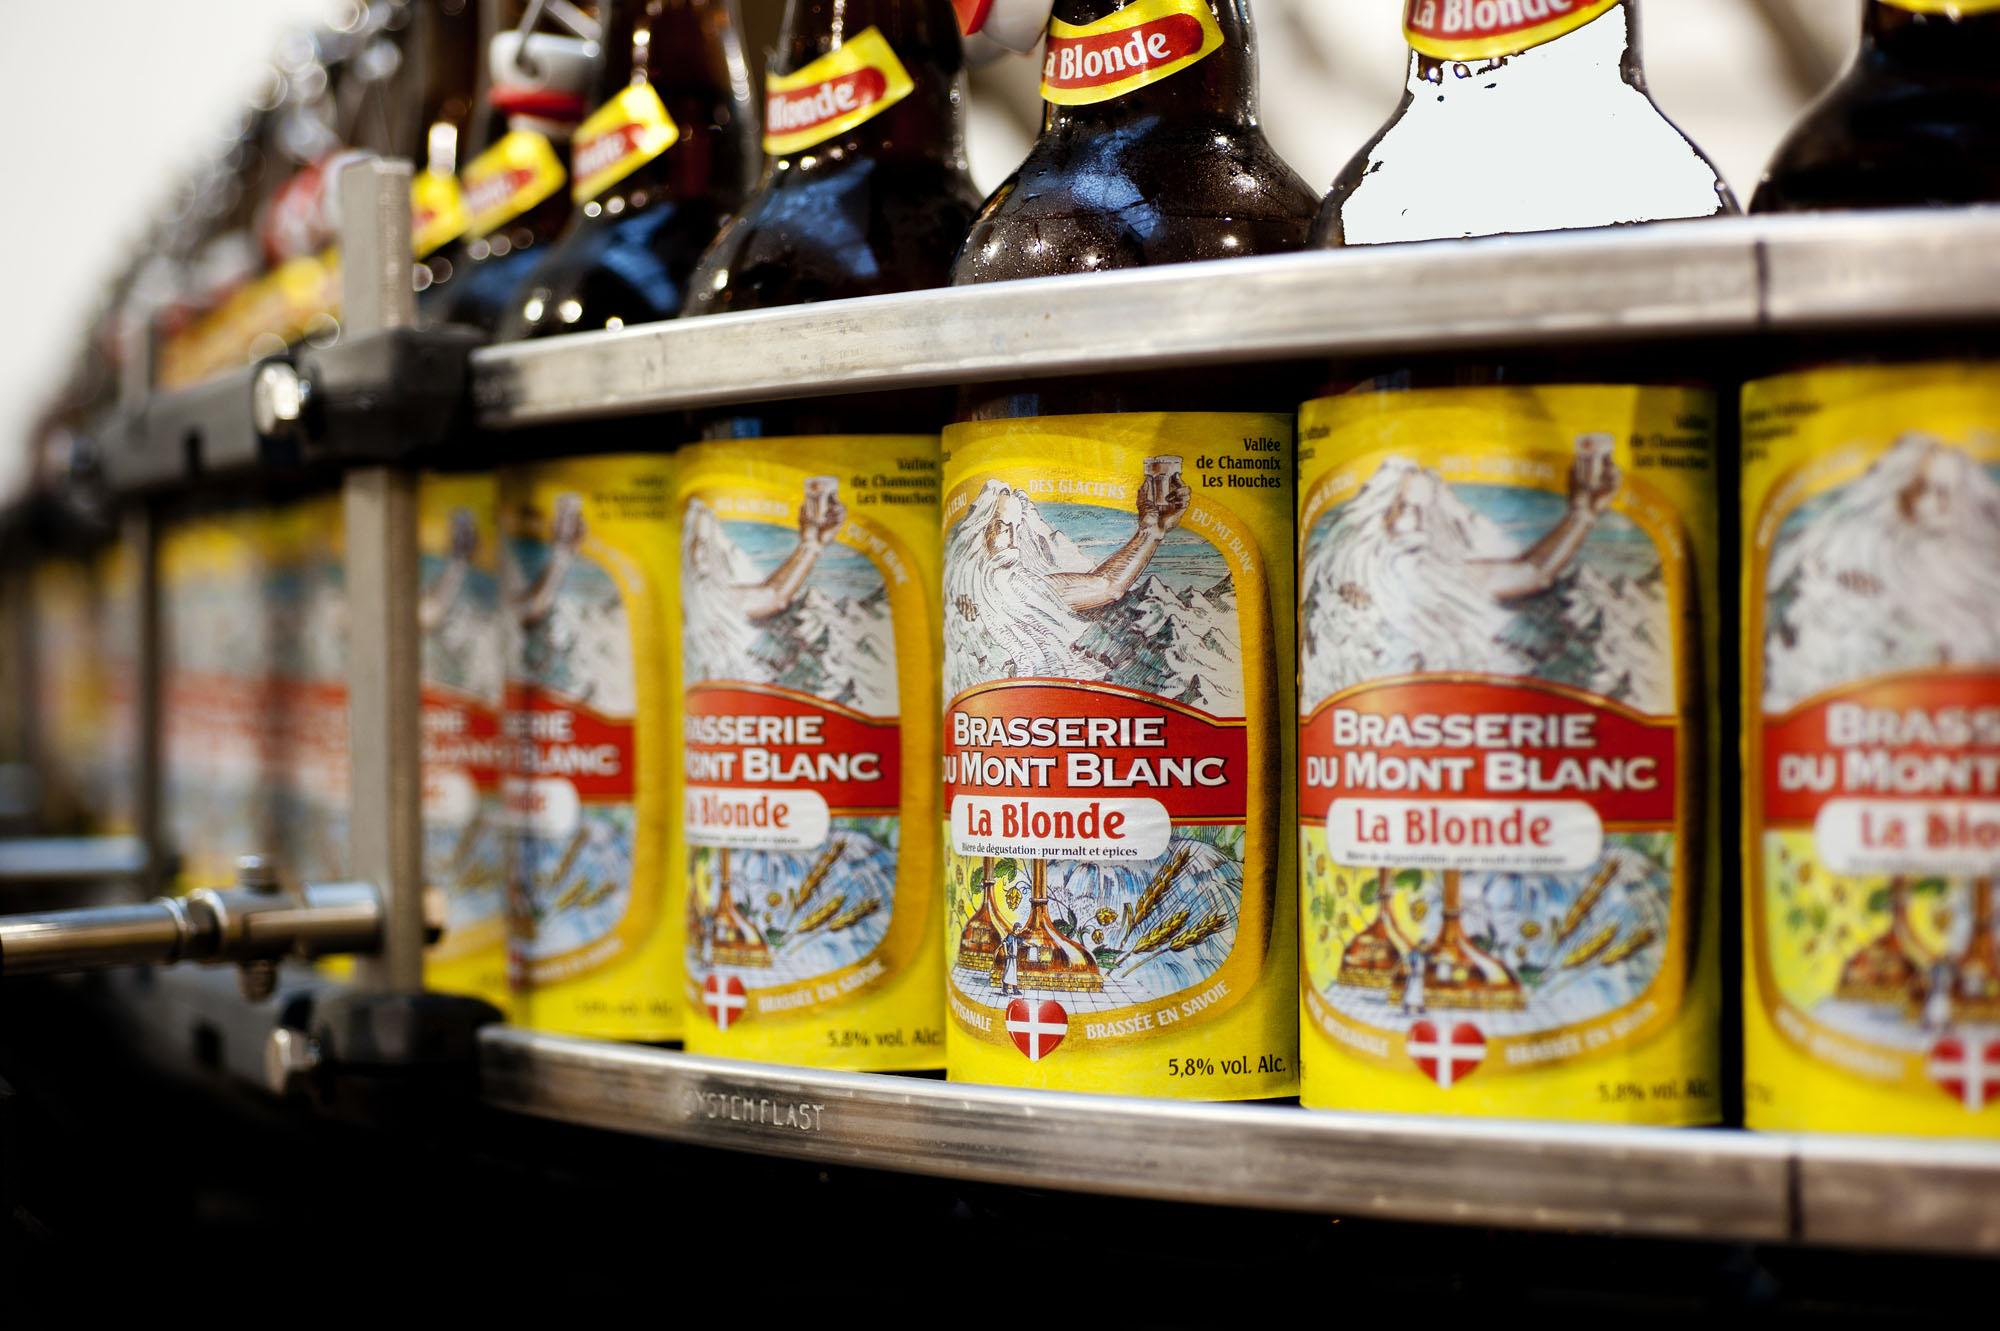 Bier van Brasserie du Mont-Blanc